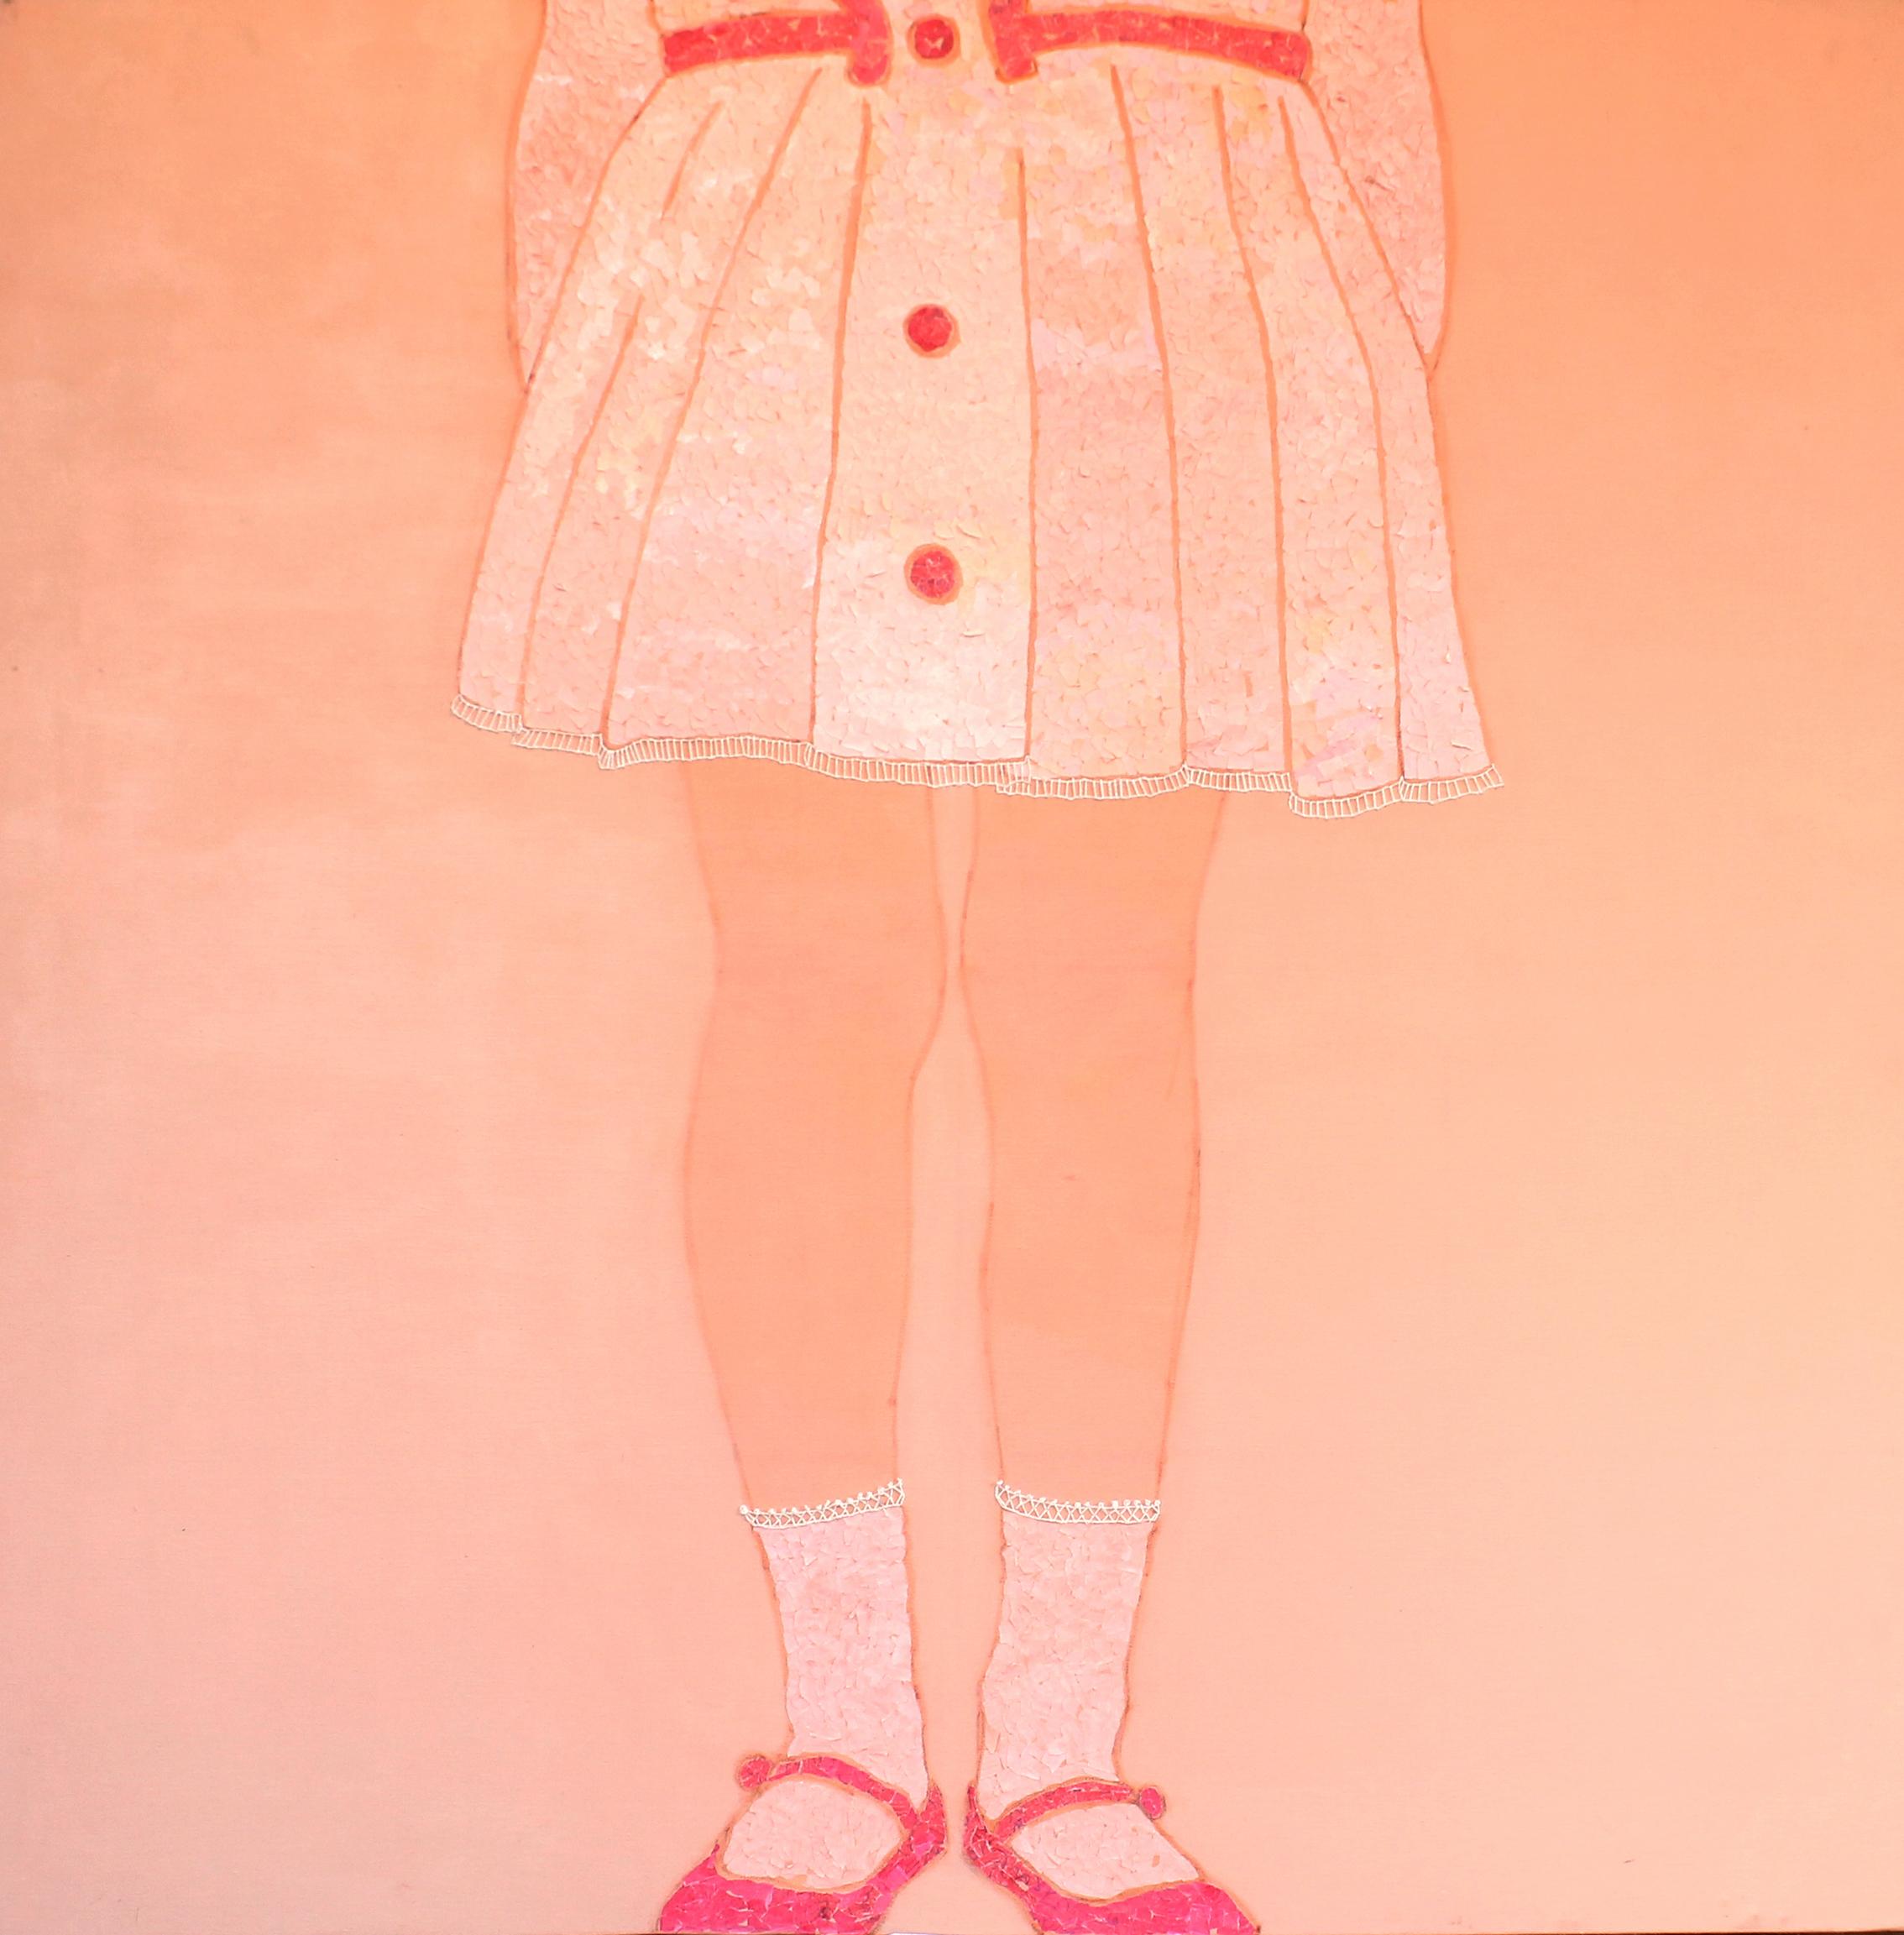 Lucia-Guadalupe-Guillen-acrilco-e-carta-colorata-su-tela-100x100cm-2013.